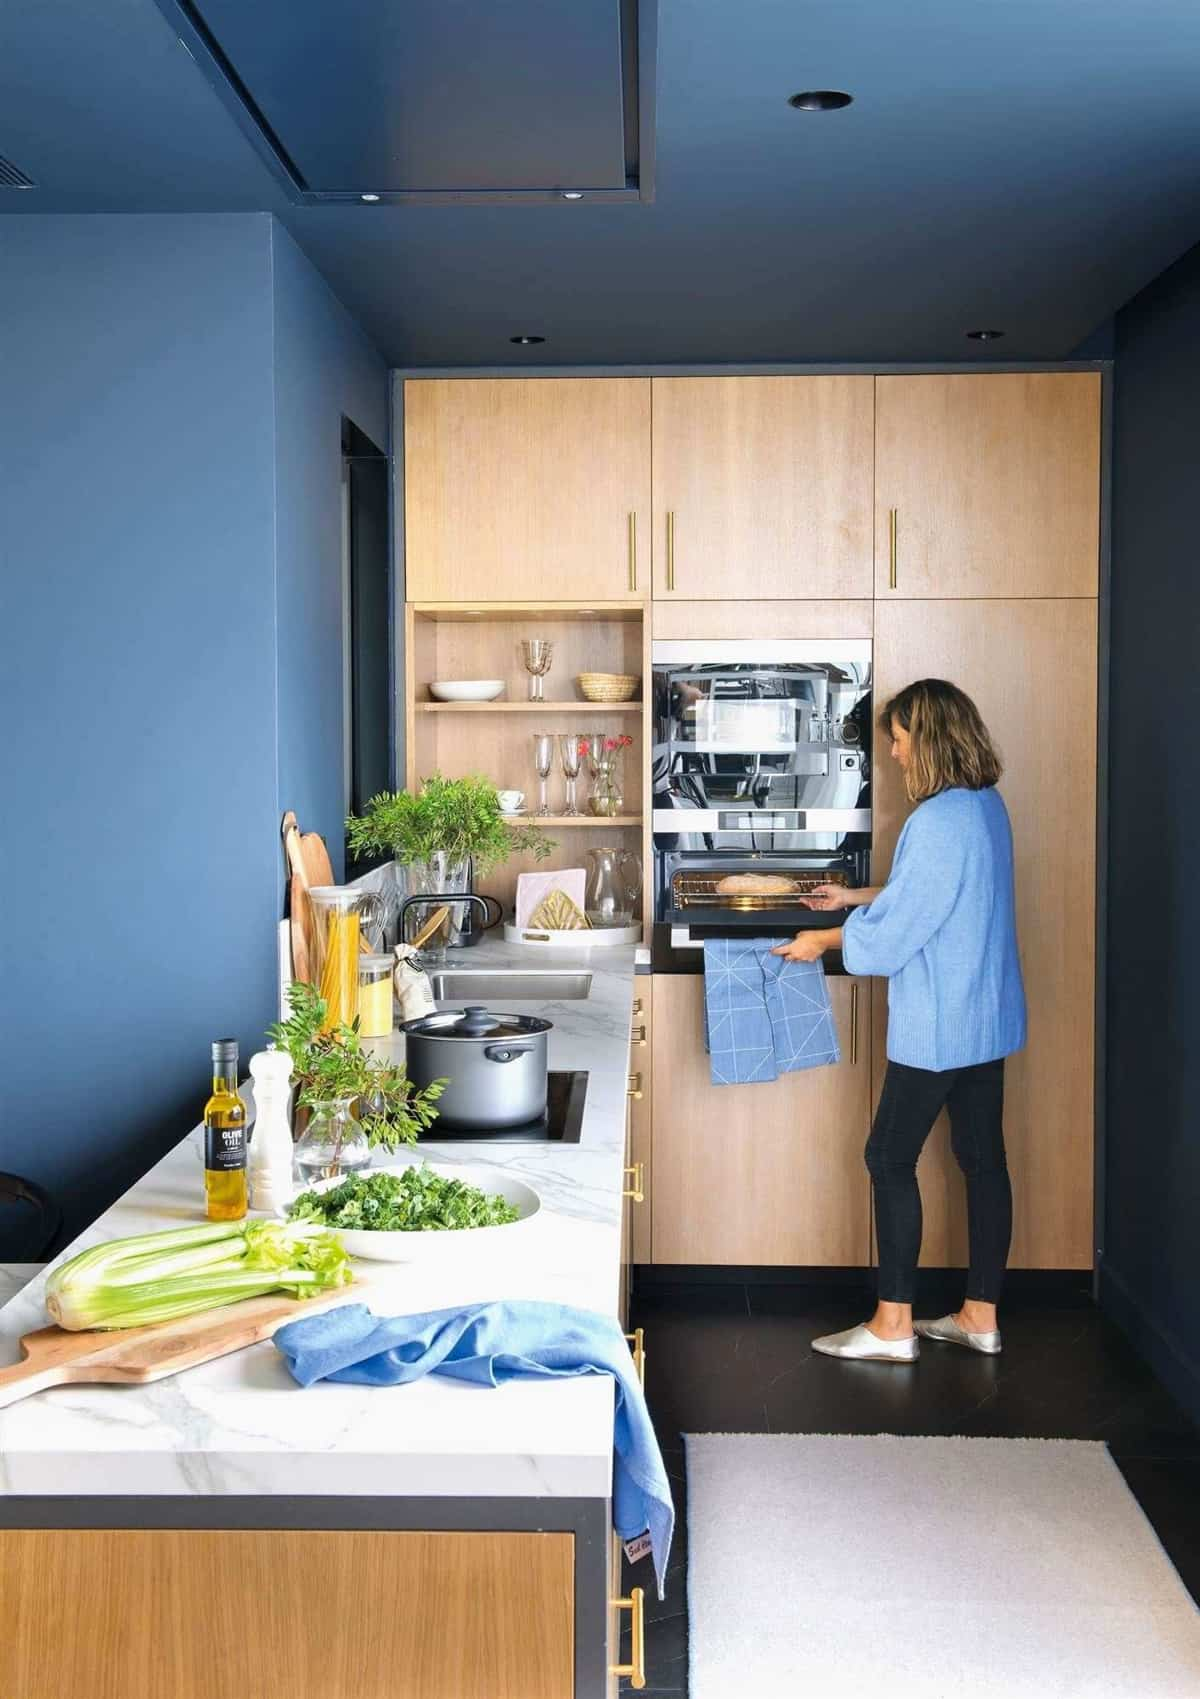 ideas para refrescar la casa sin aire acondicionado 15